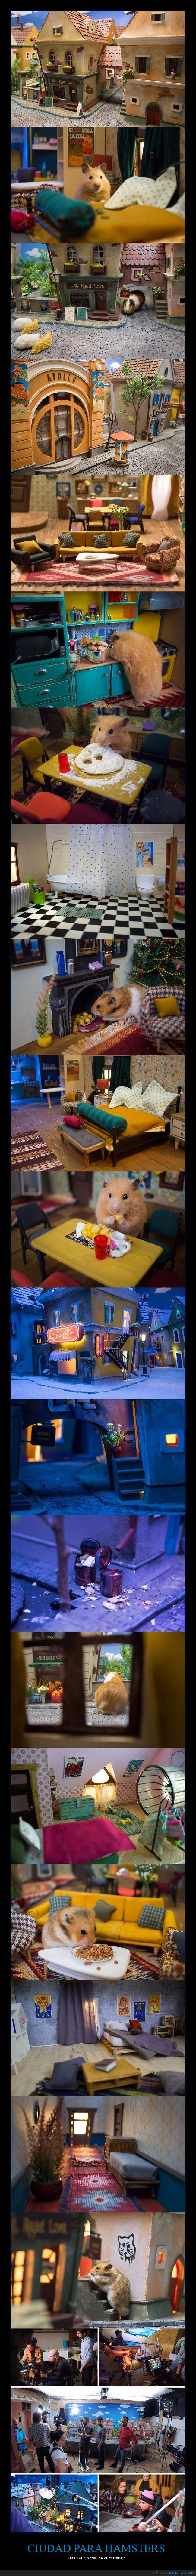 casitas,ciudad,hamsters